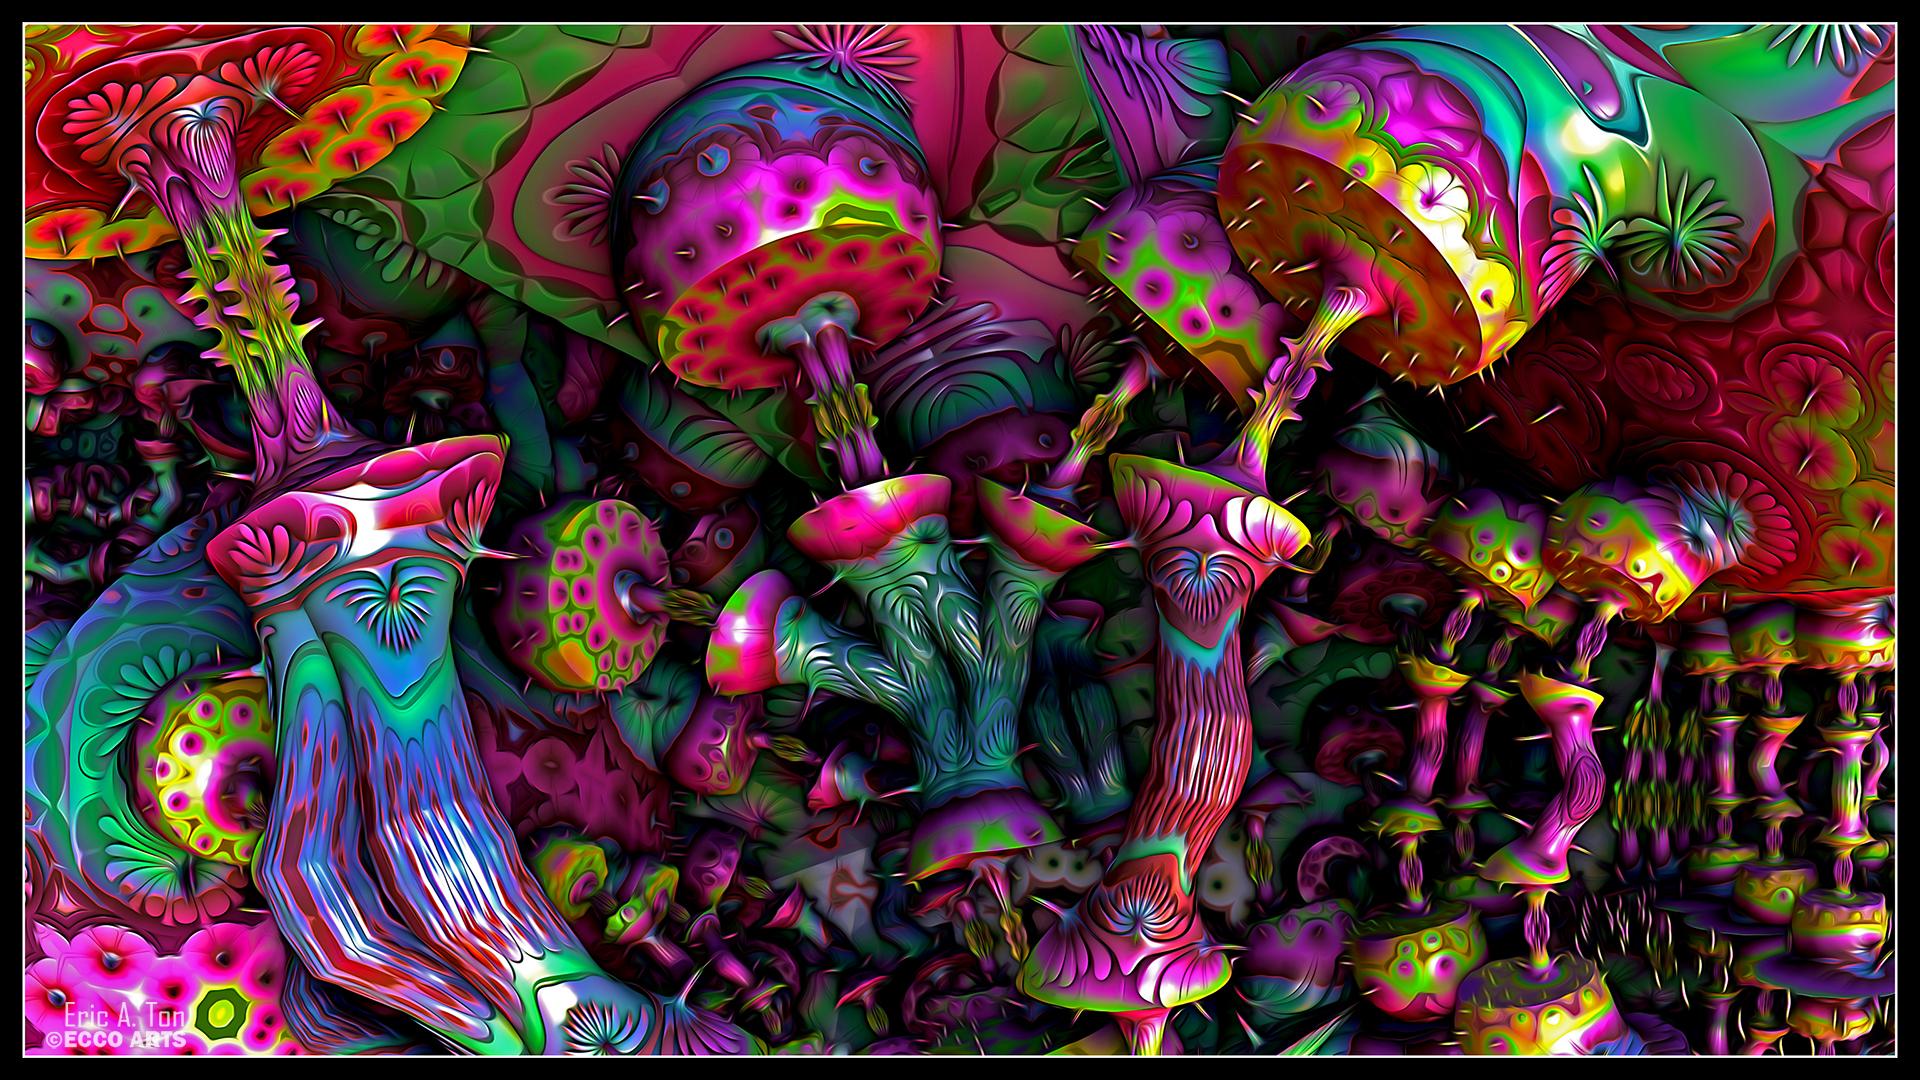 Psychedelic Mushrooms by eccoarts 1920x1080